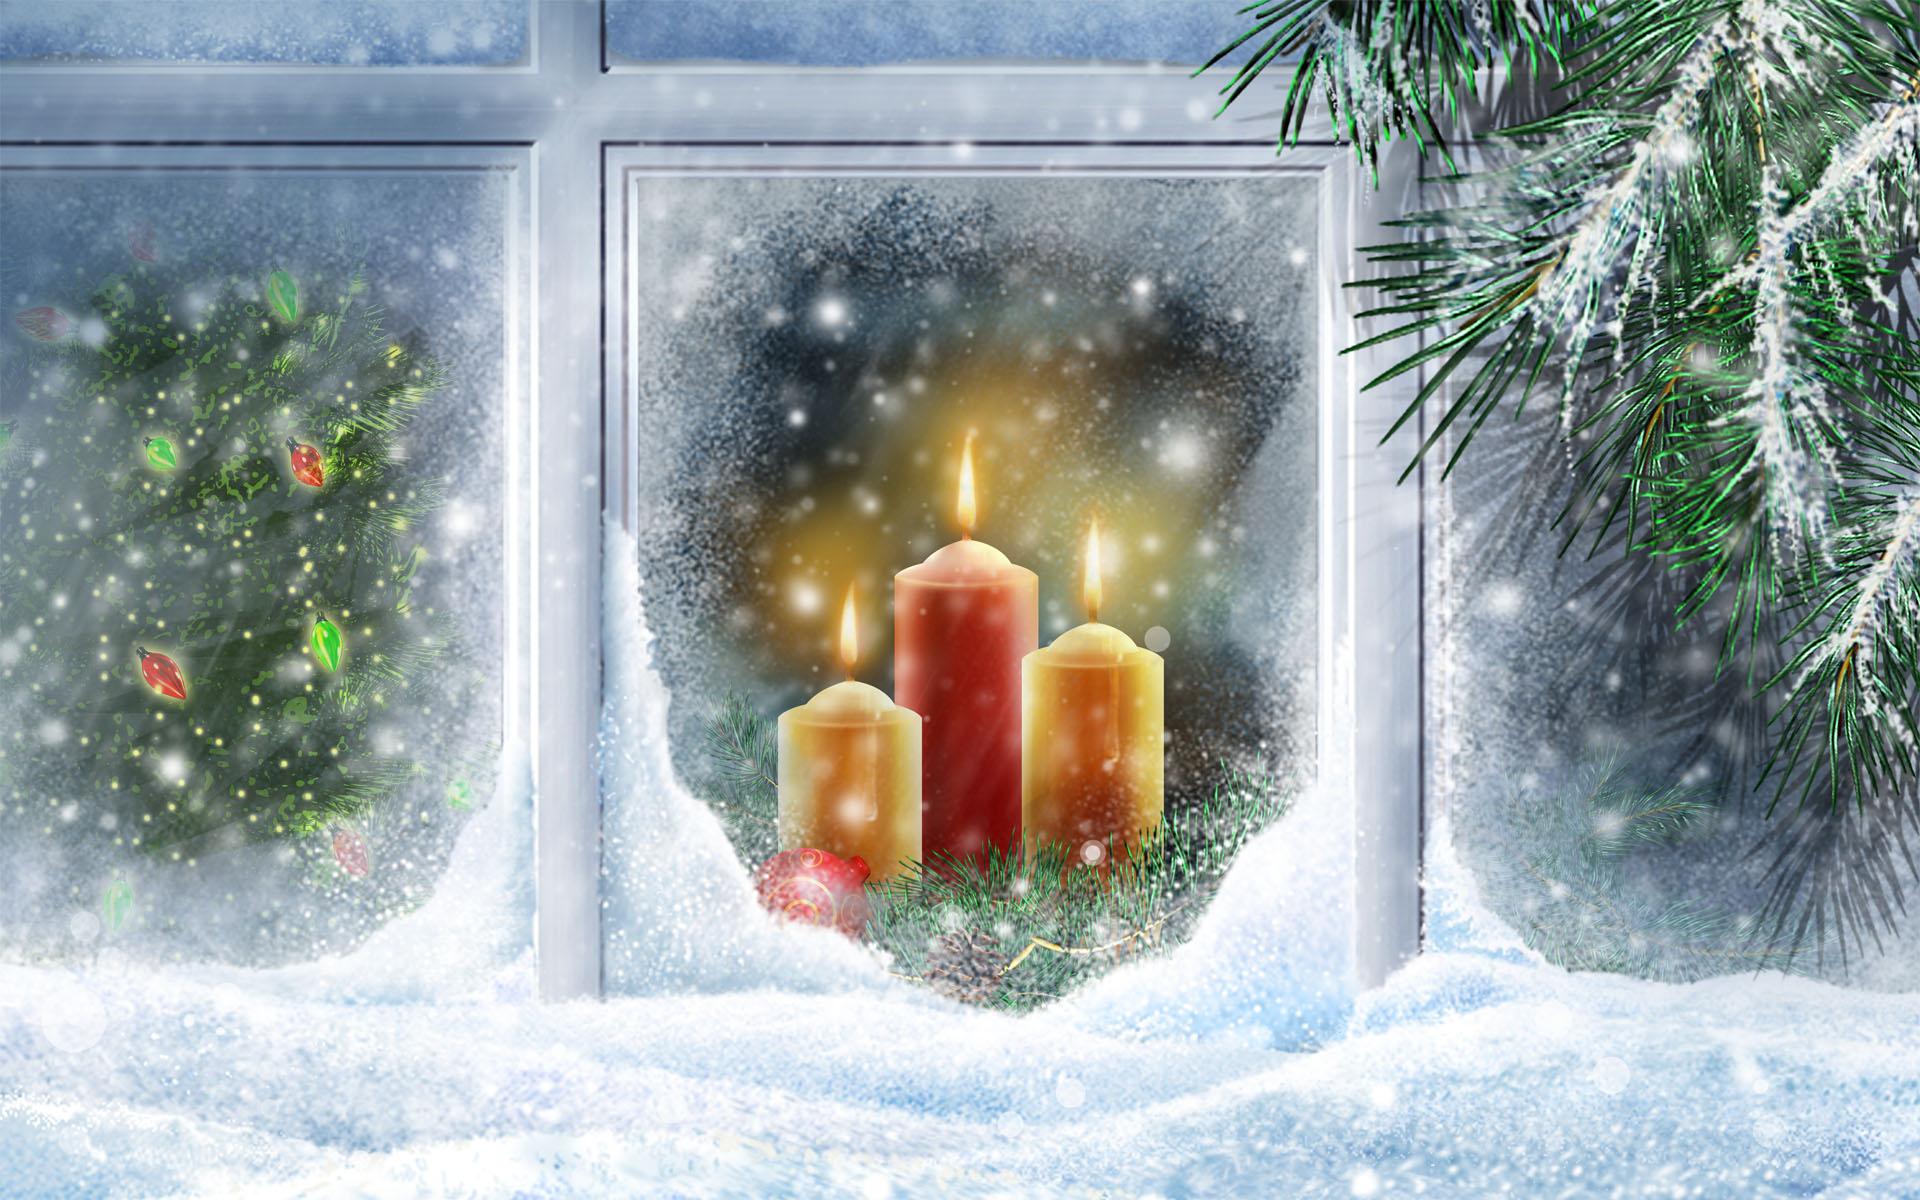 Christmas Lights Widescreen